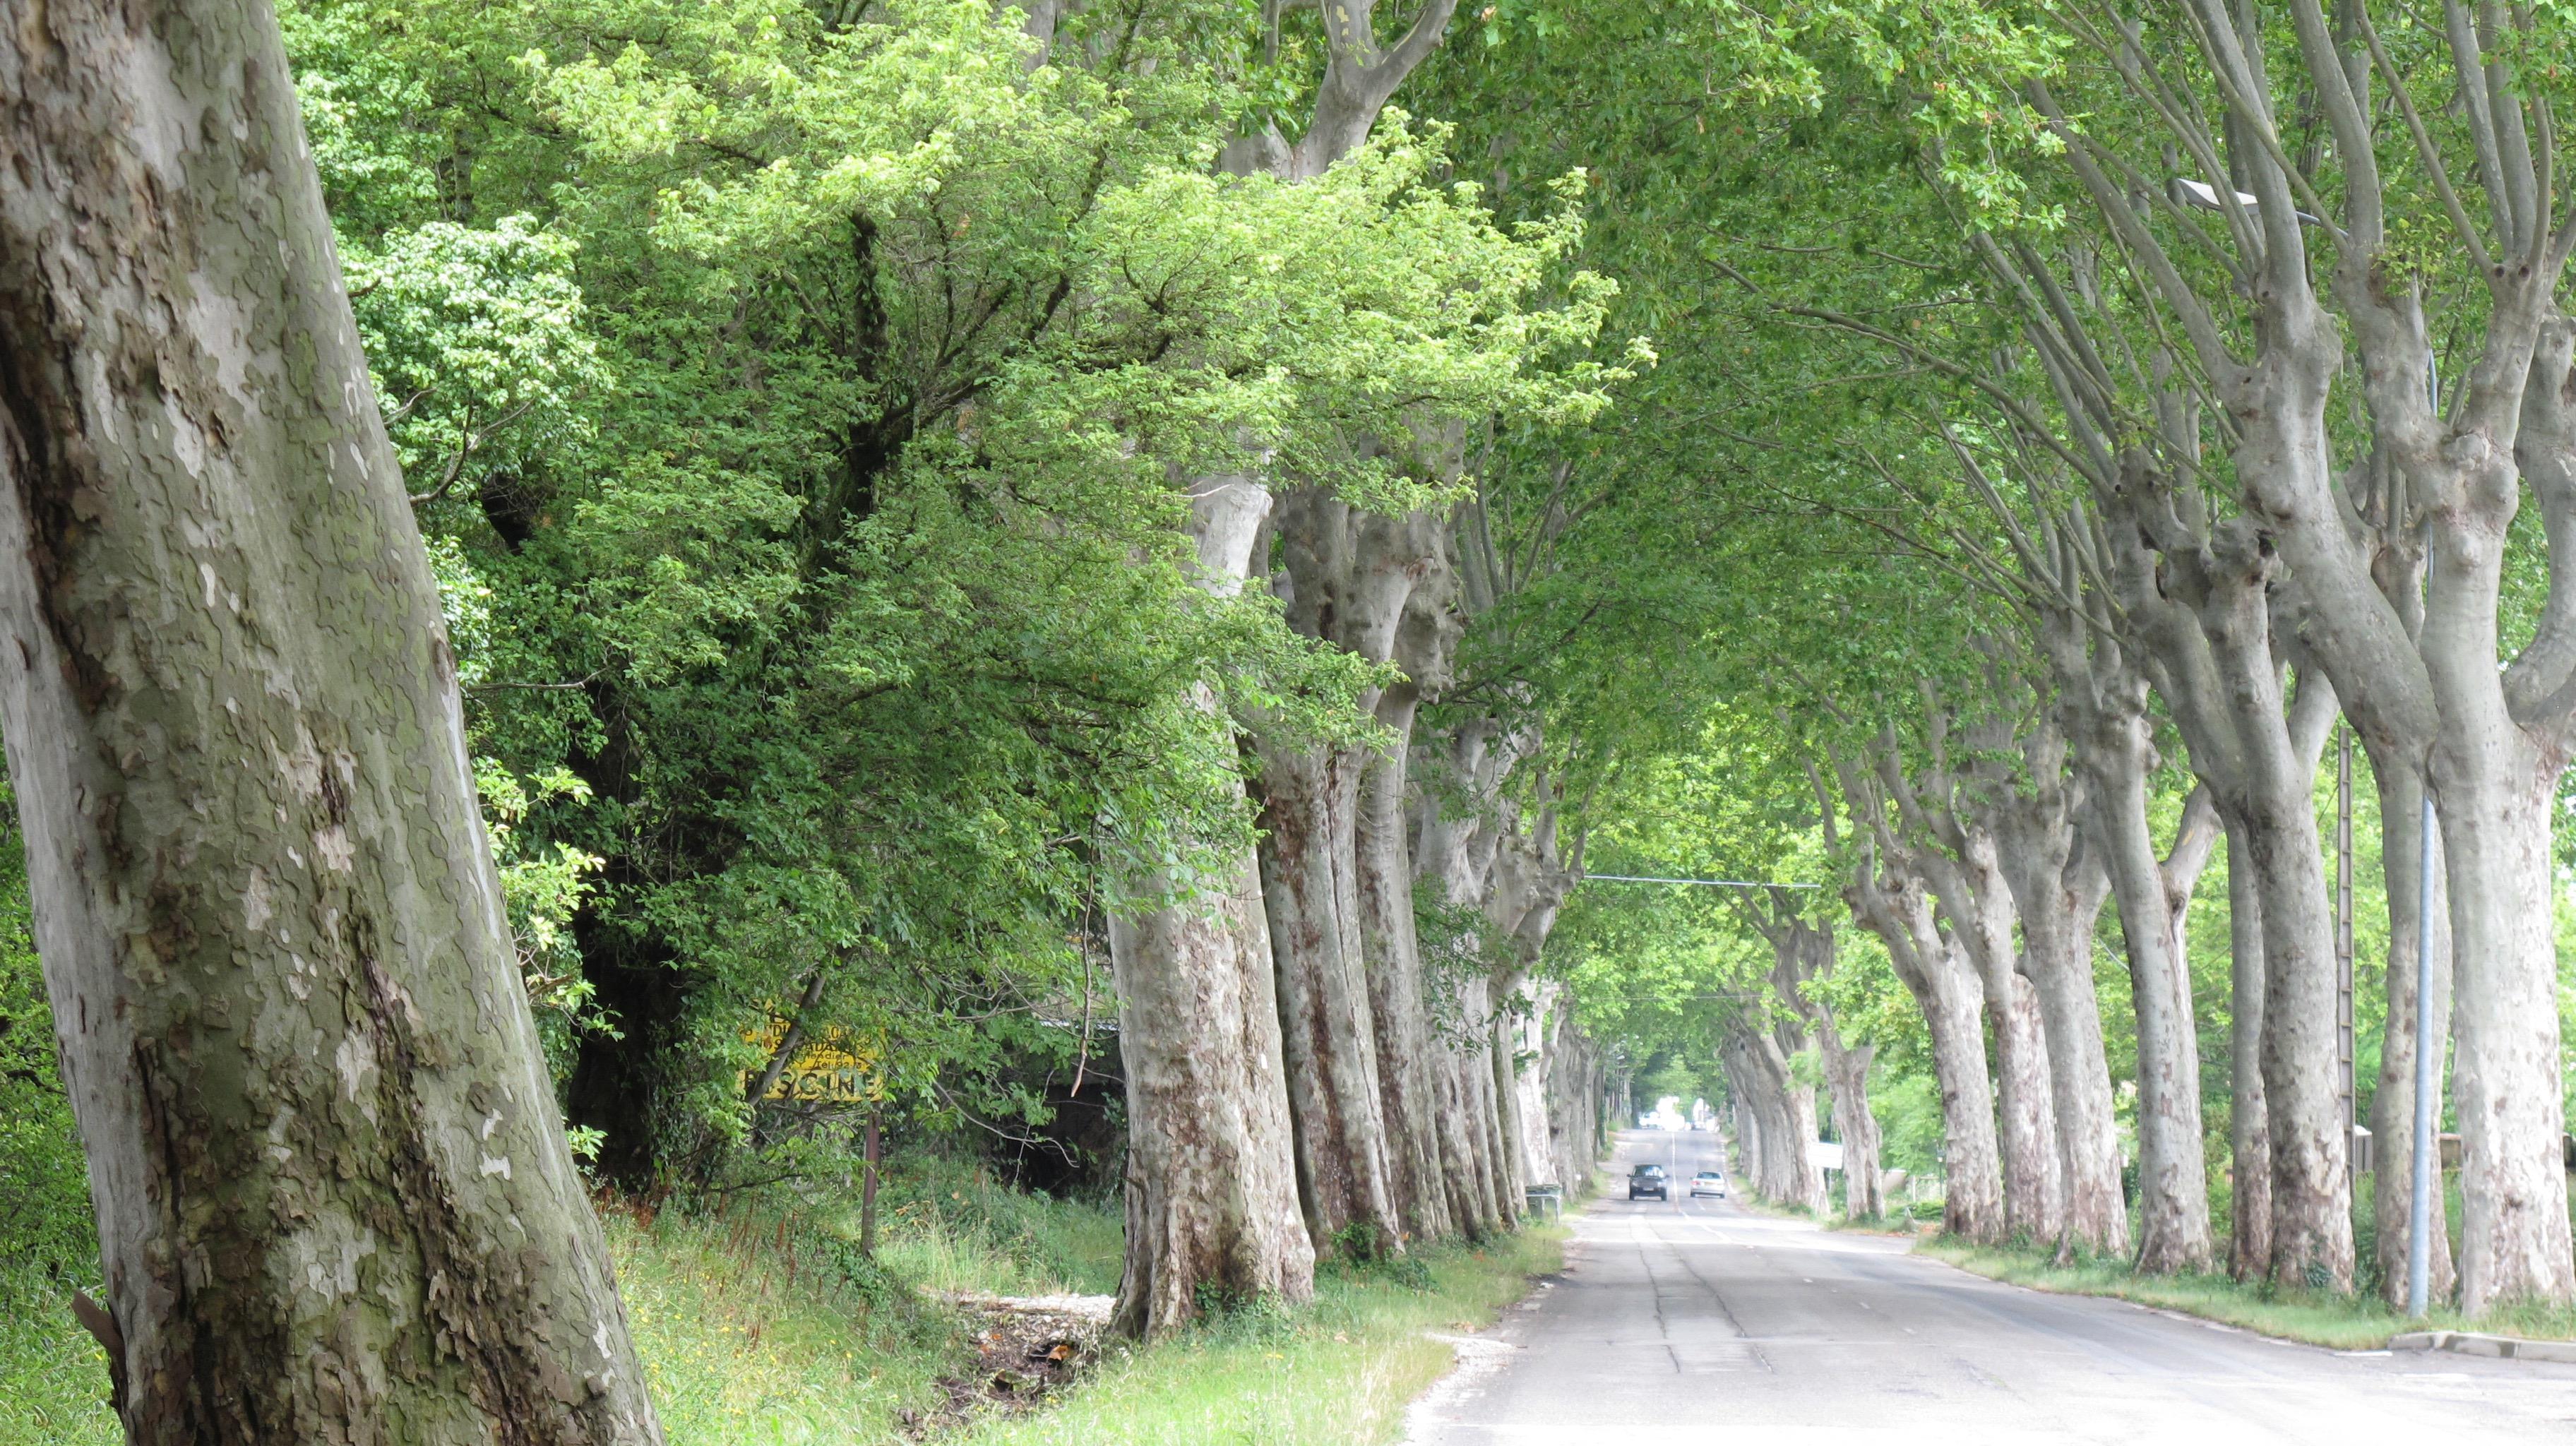 tunneloftrees